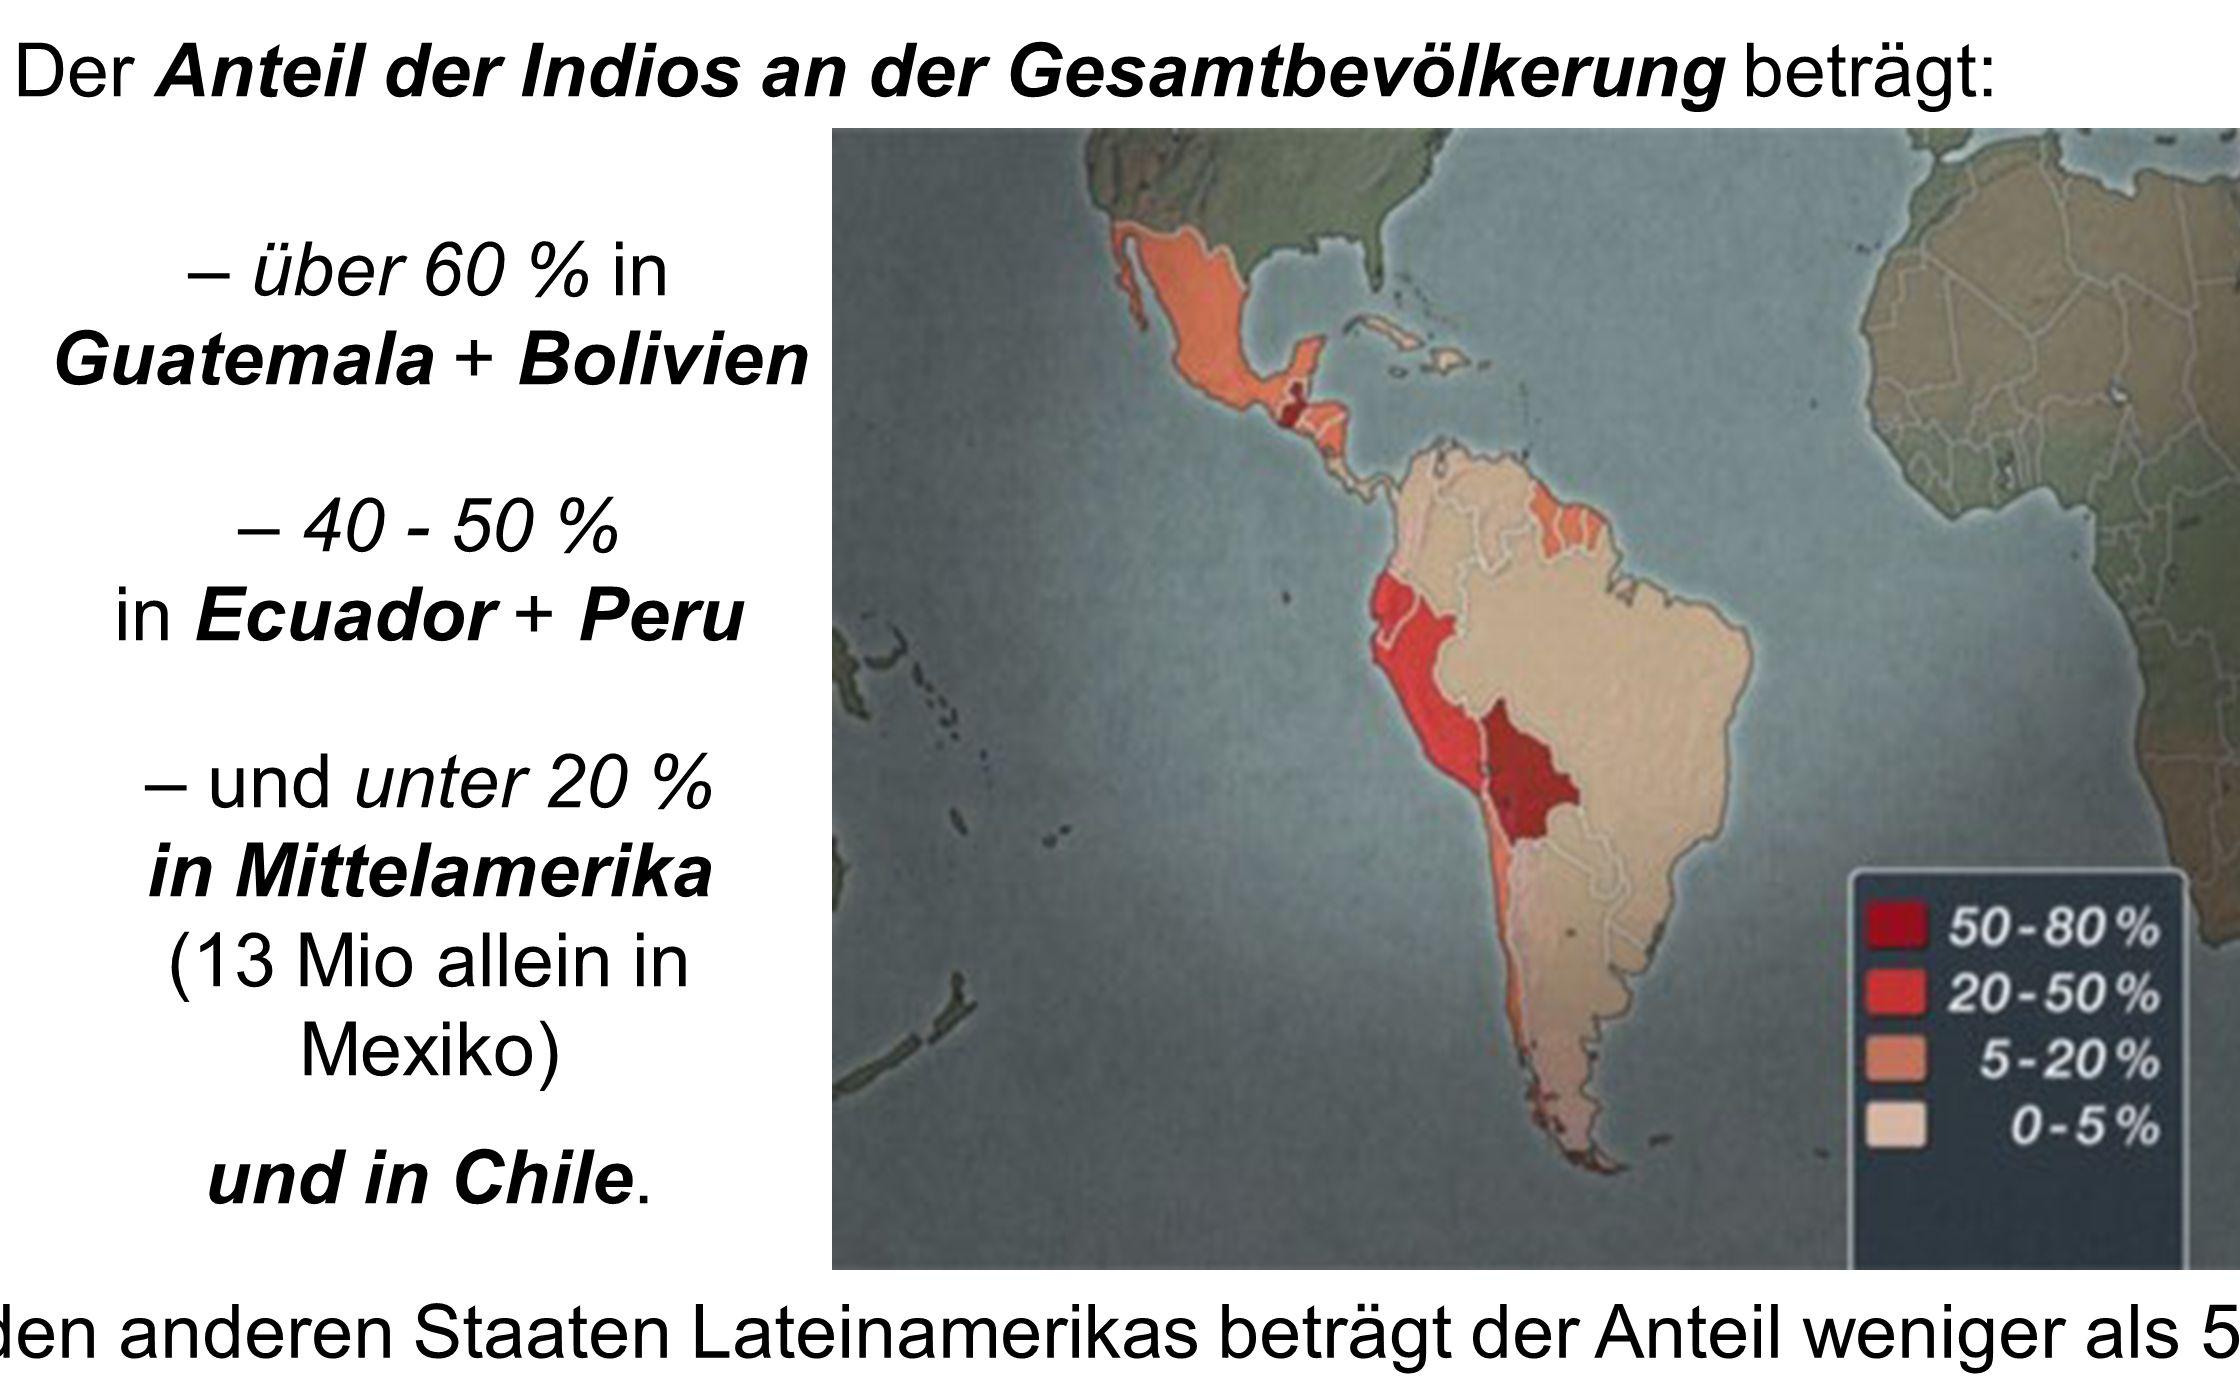 In den anderen Staaten Lateinamerikas beträgt der Anteil weniger als 5 %. – über 60 % in Guatemala + Bolivien – 40 - 50 % in Ecuador + Peru – und unte